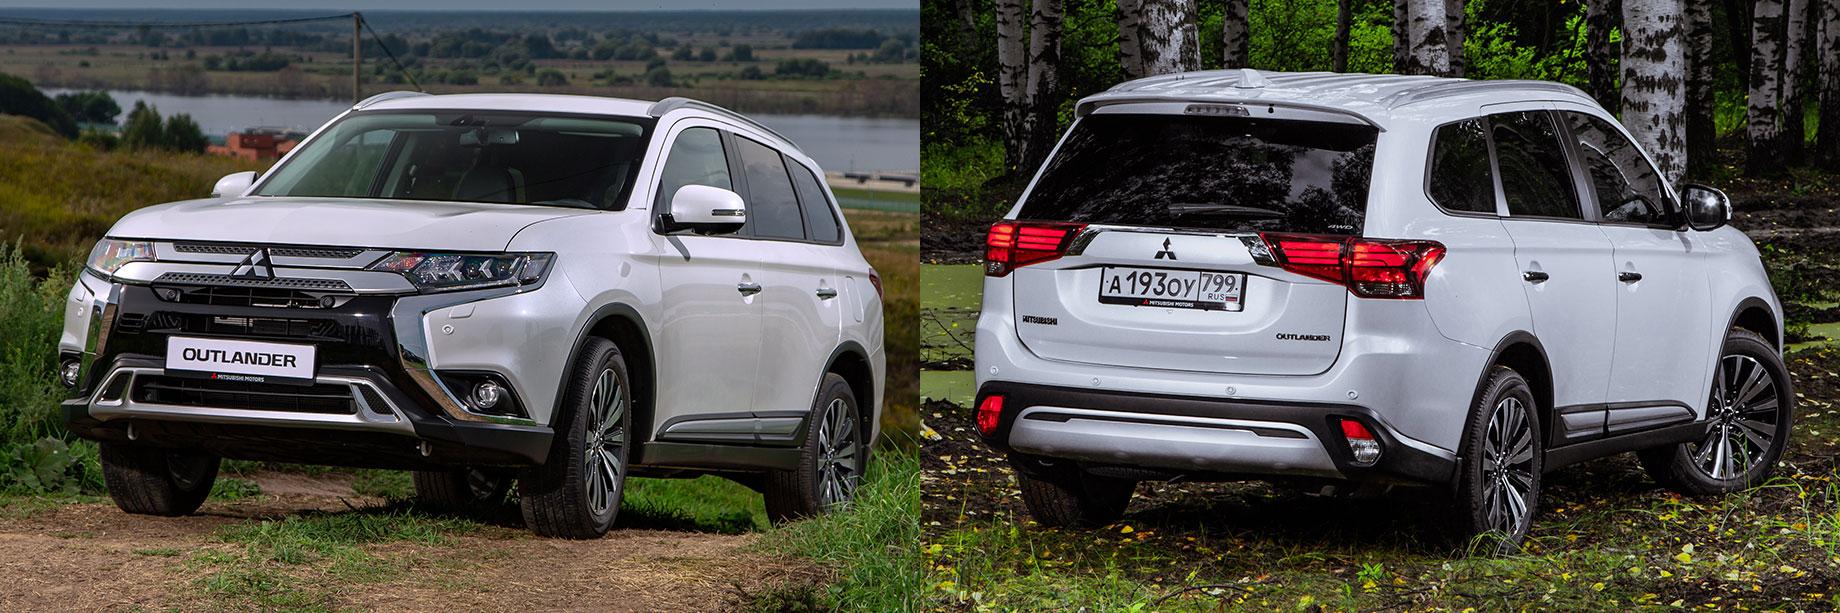 Новый Mitsubishi Outlander доедет до России в 2022 году